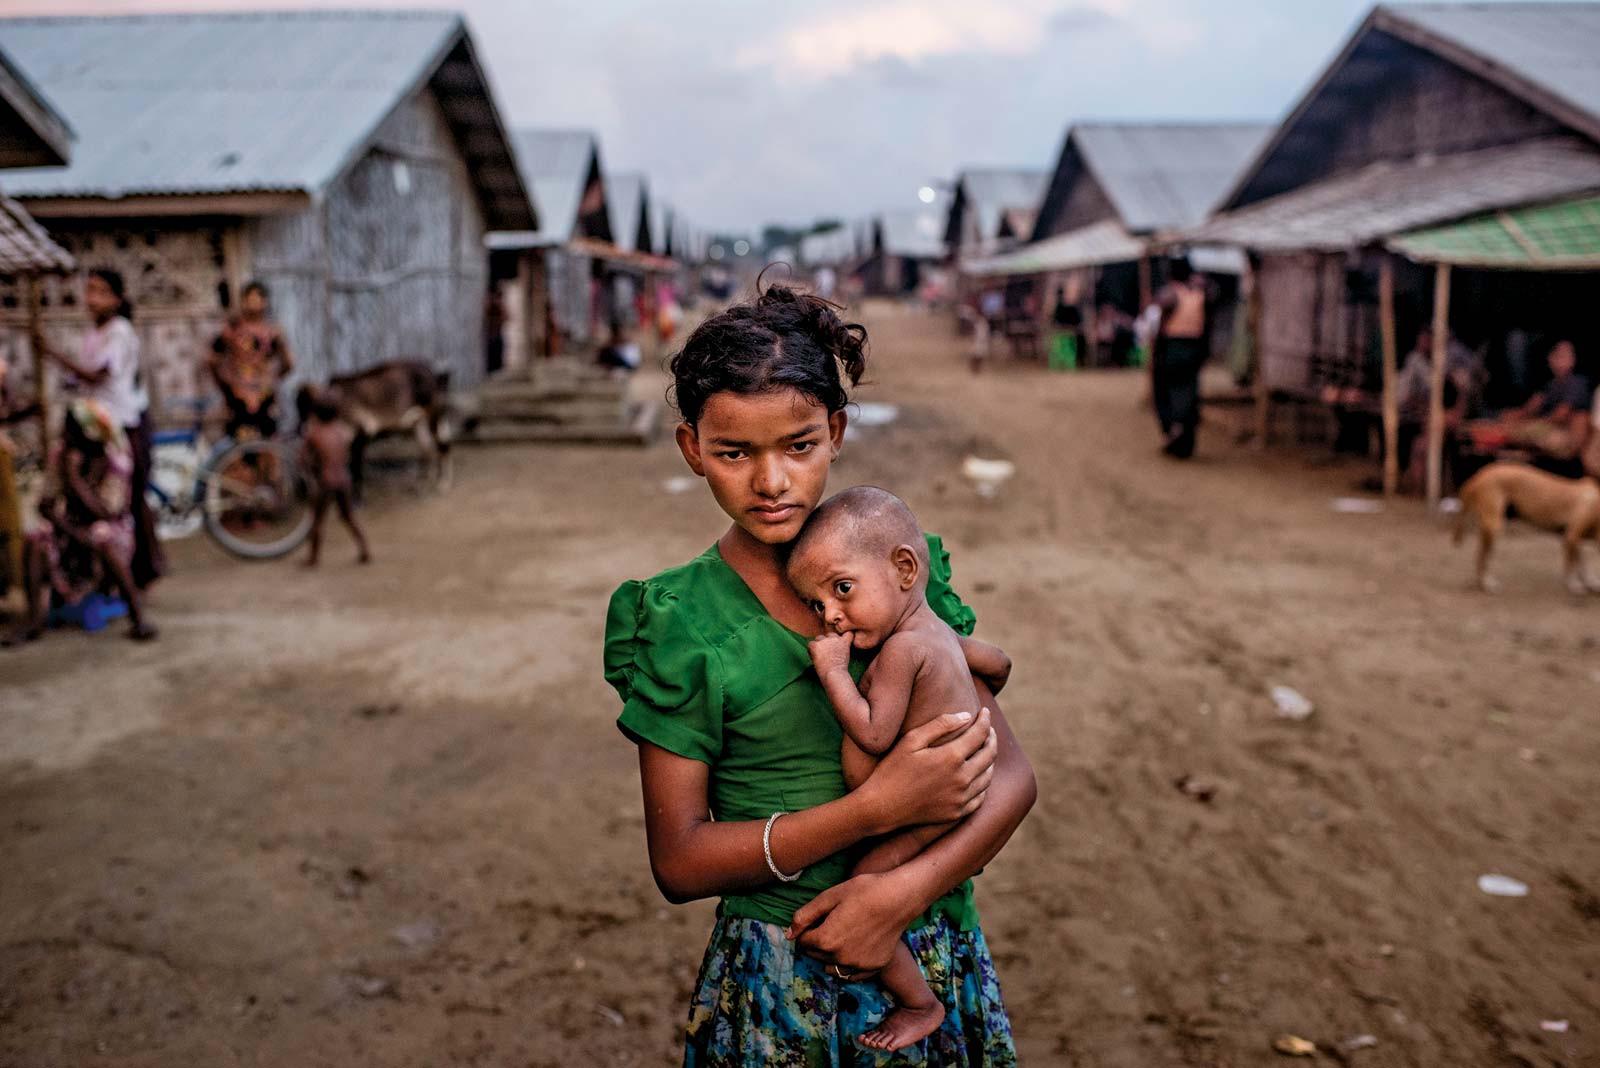 Covid-19: Thế giới cần quan tâm hơn tới những cộng đồng dễ bị tổn thương